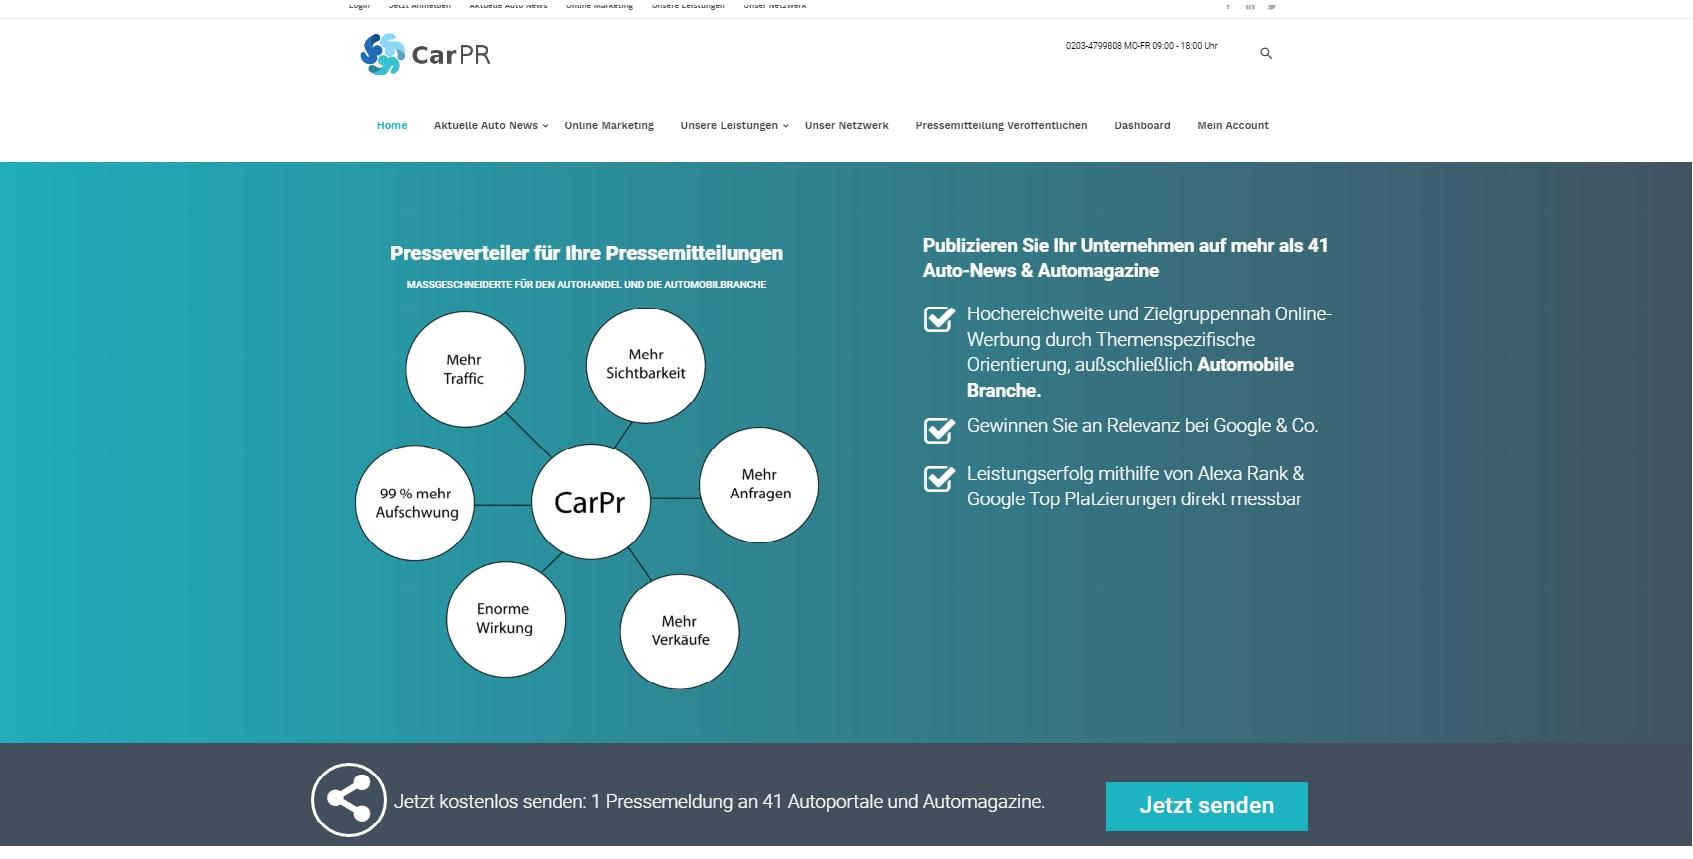 Web Marketing für Autohäuser